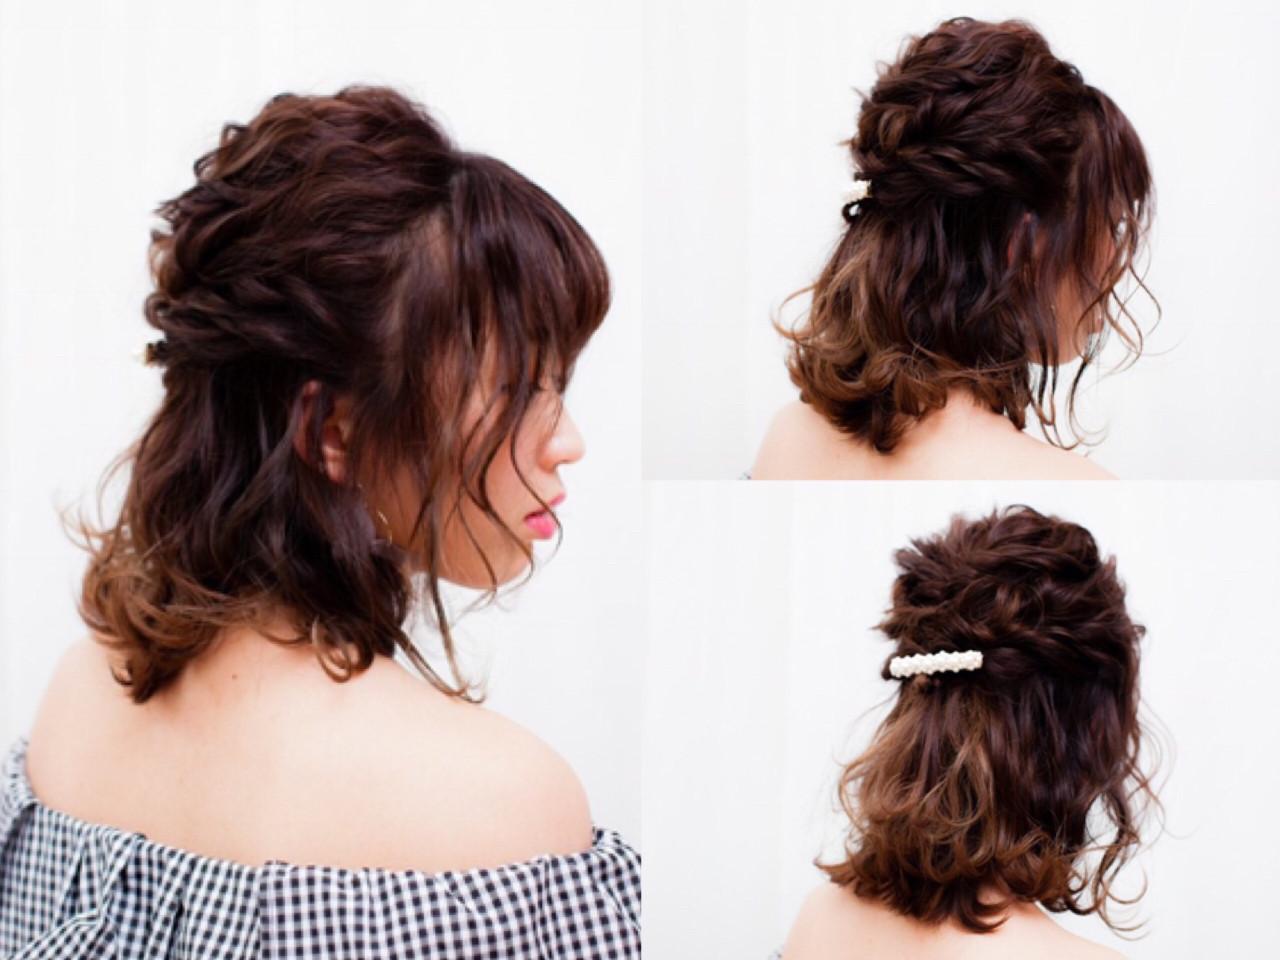 エレガント 編み込み ミディアム ヘアアレンジ ヘアスタイルや髪型の写真・画像